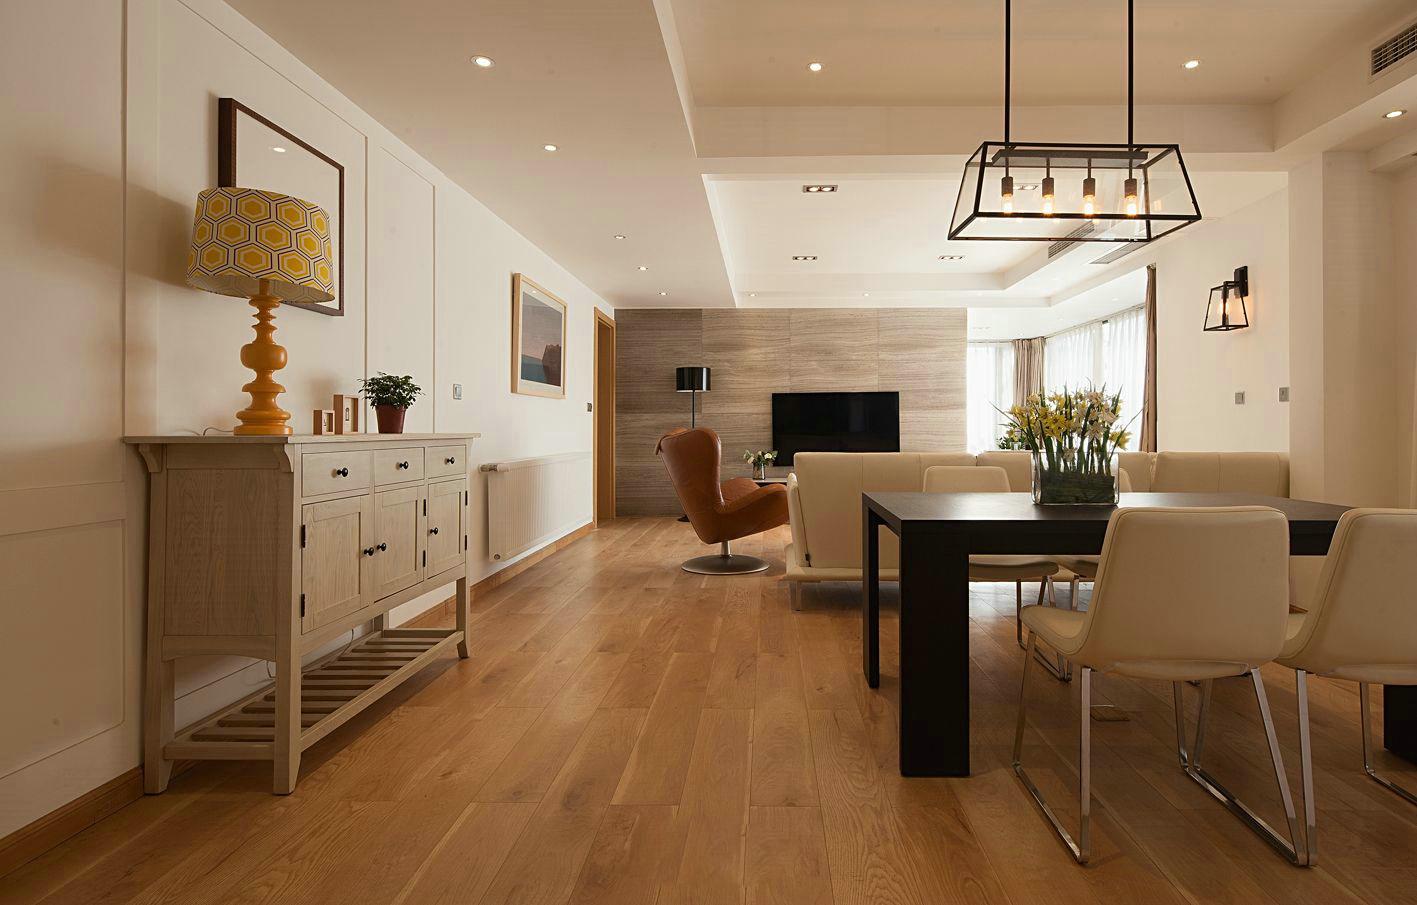 简约 三居 客厅图片来自美家堂装饰小刘在木质现代简约风格爱家欣赏的分享